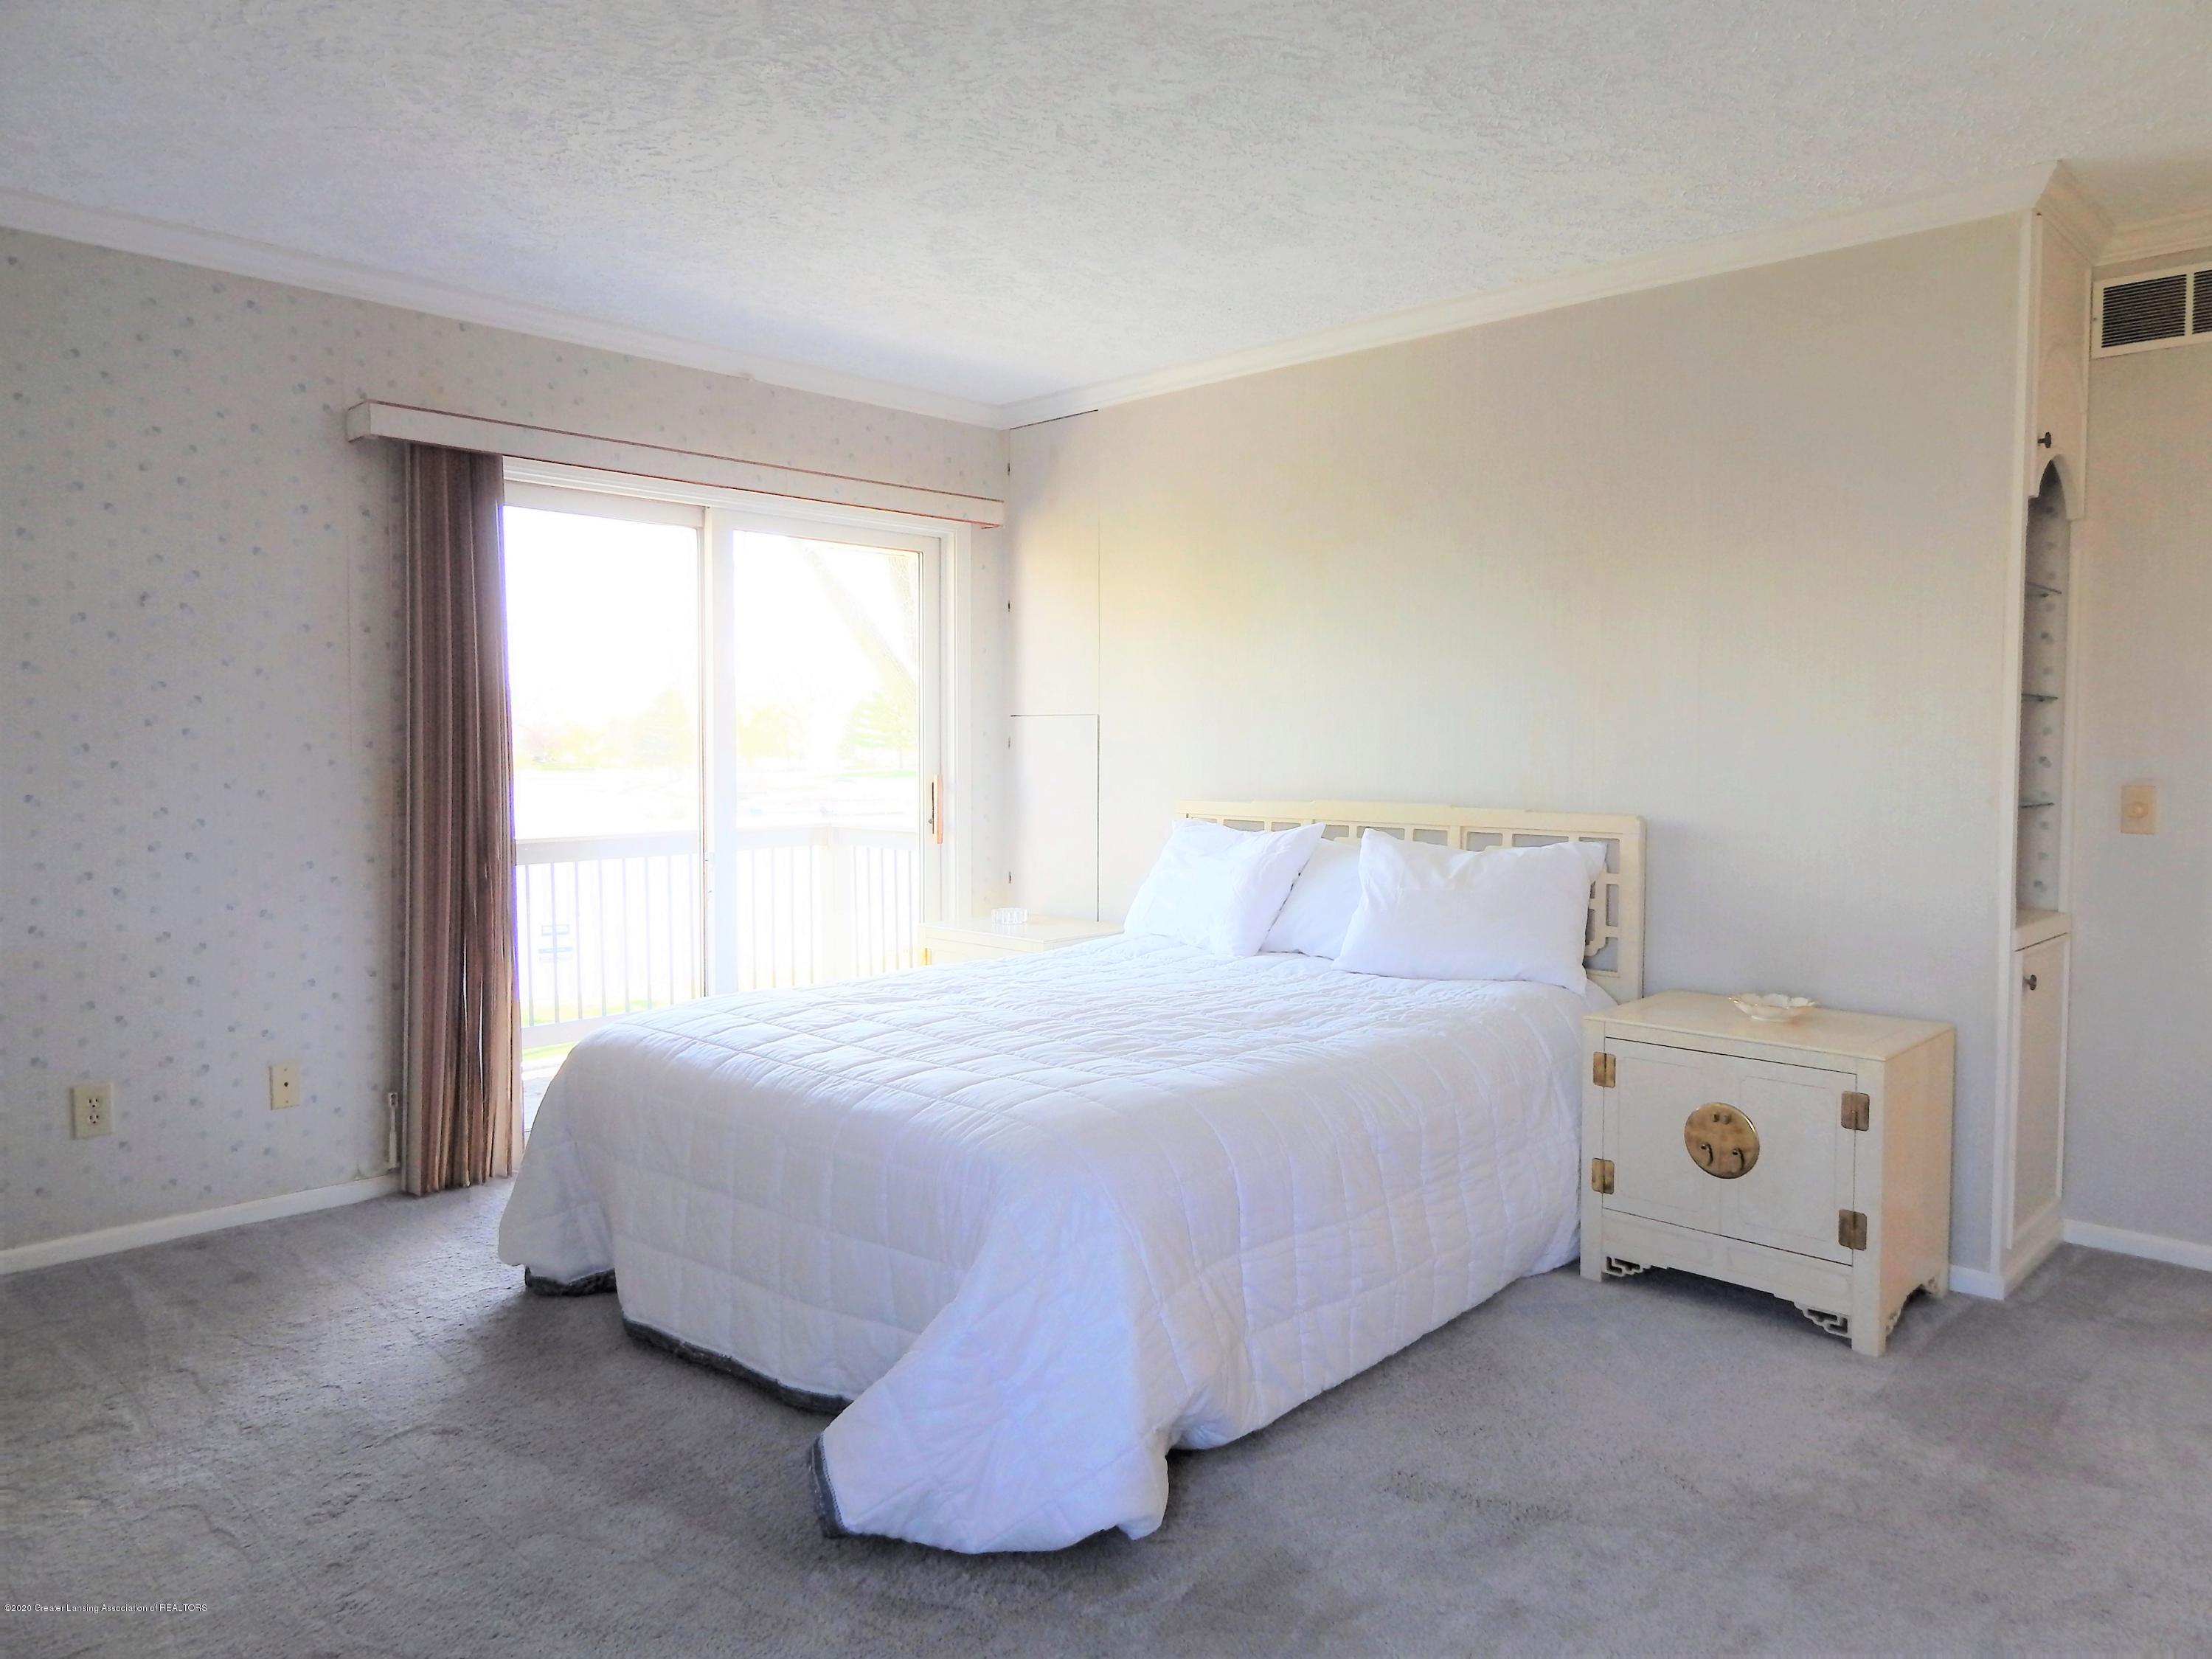 9283 W Scenic Lake Dr - Master Bedroom - 27